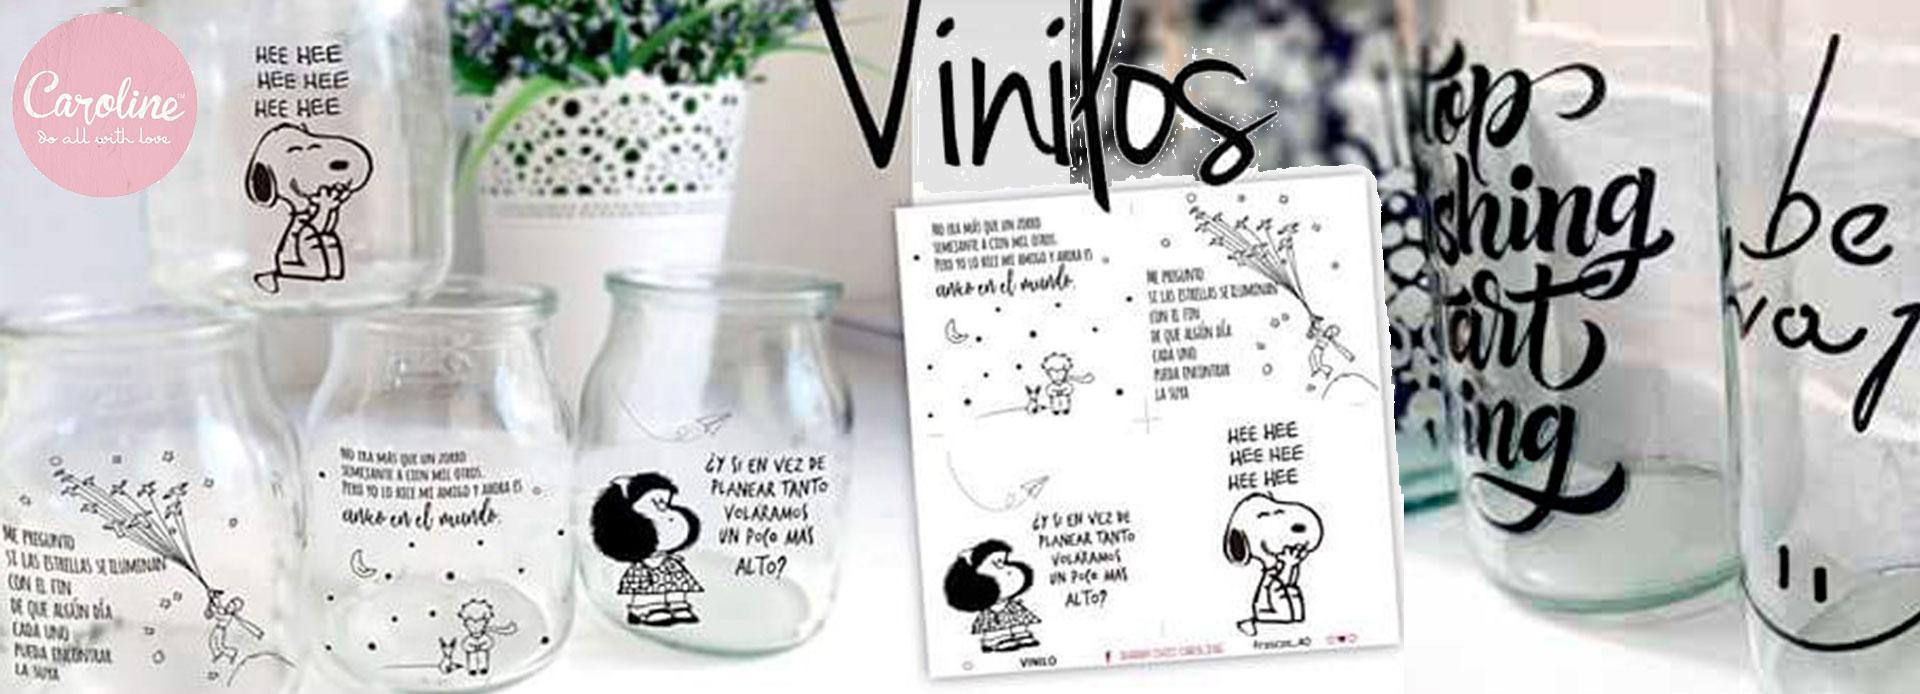 Vinilos Caroline Shabby Chic